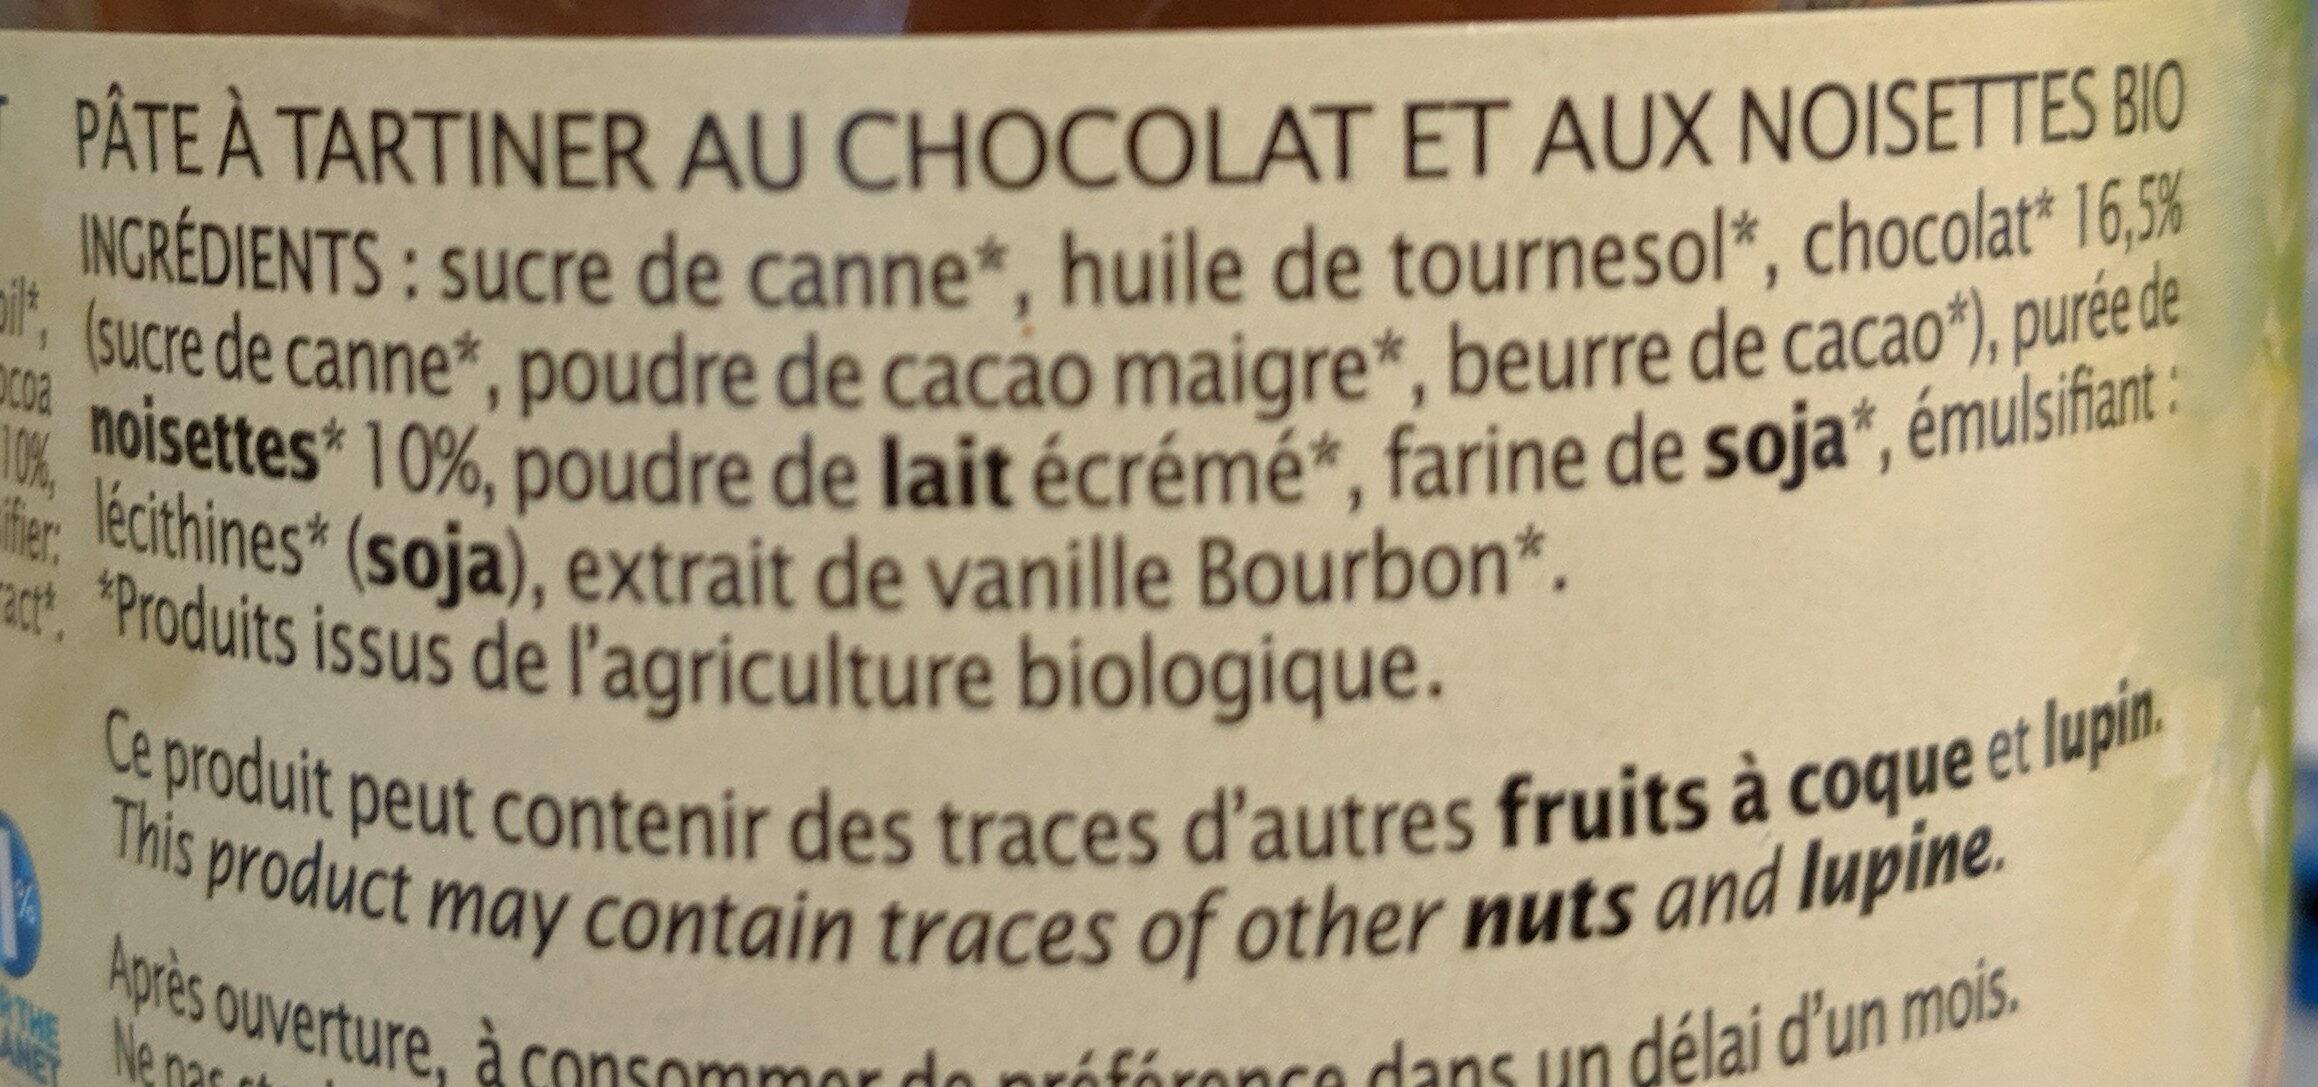 Pâte à tartiner chocolat noisette - Jardin bio - Ingredients - fr